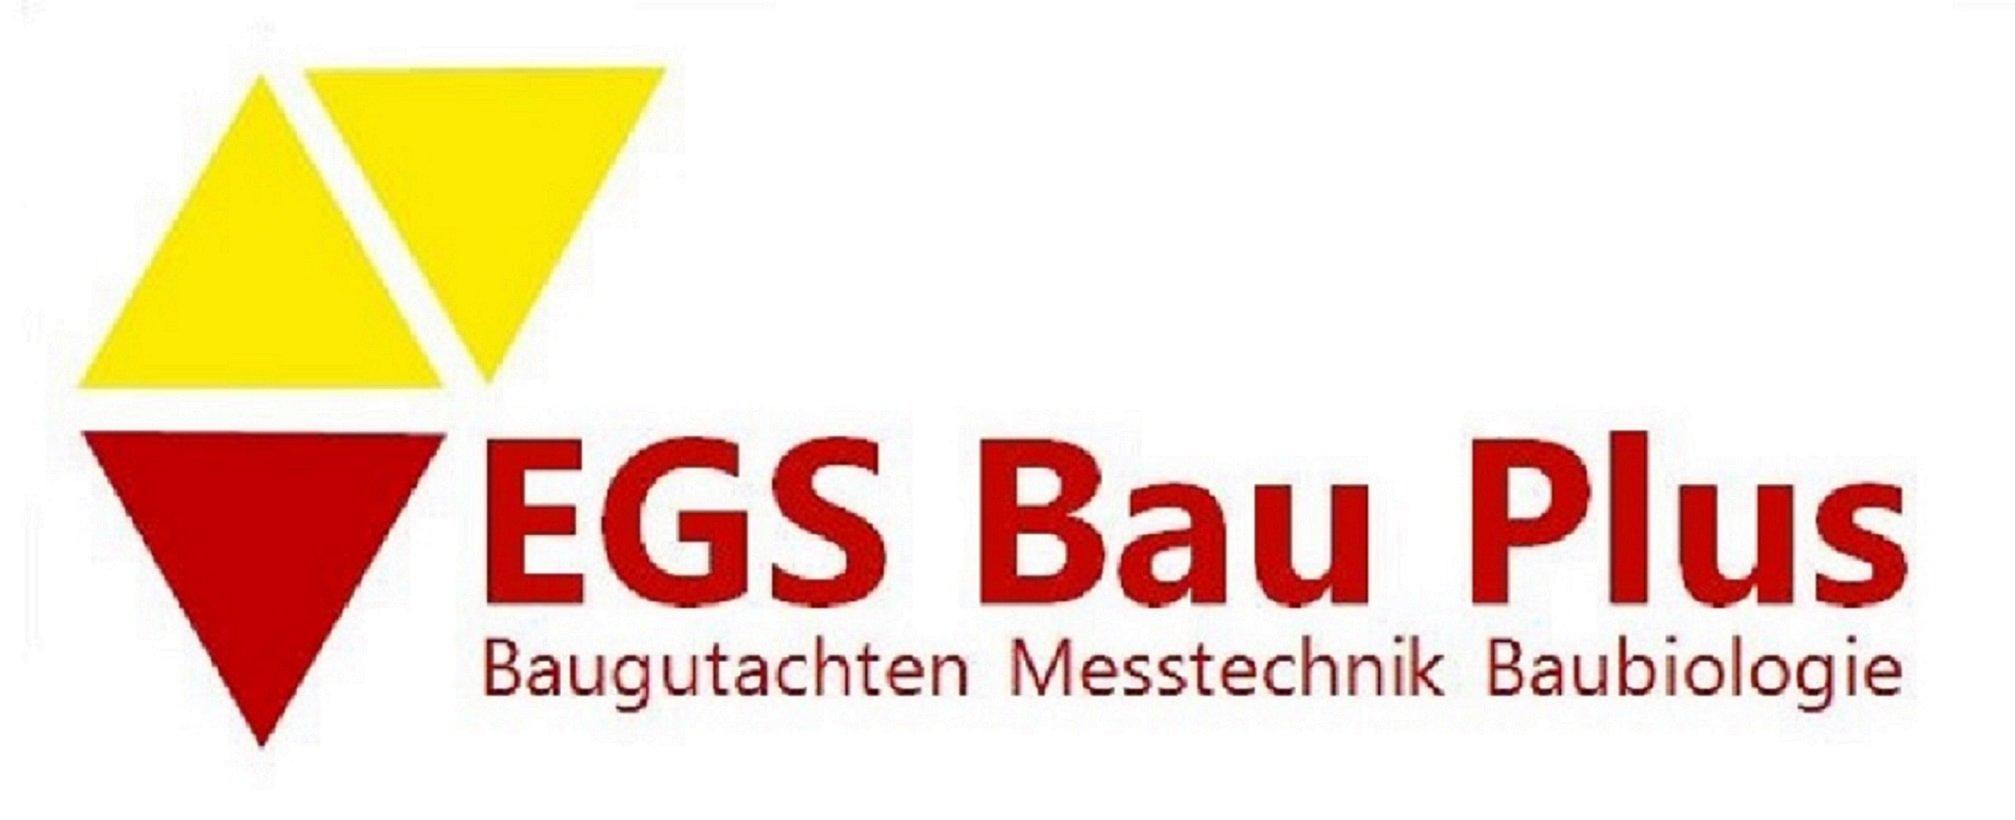 EGS Bau Plus GmbH